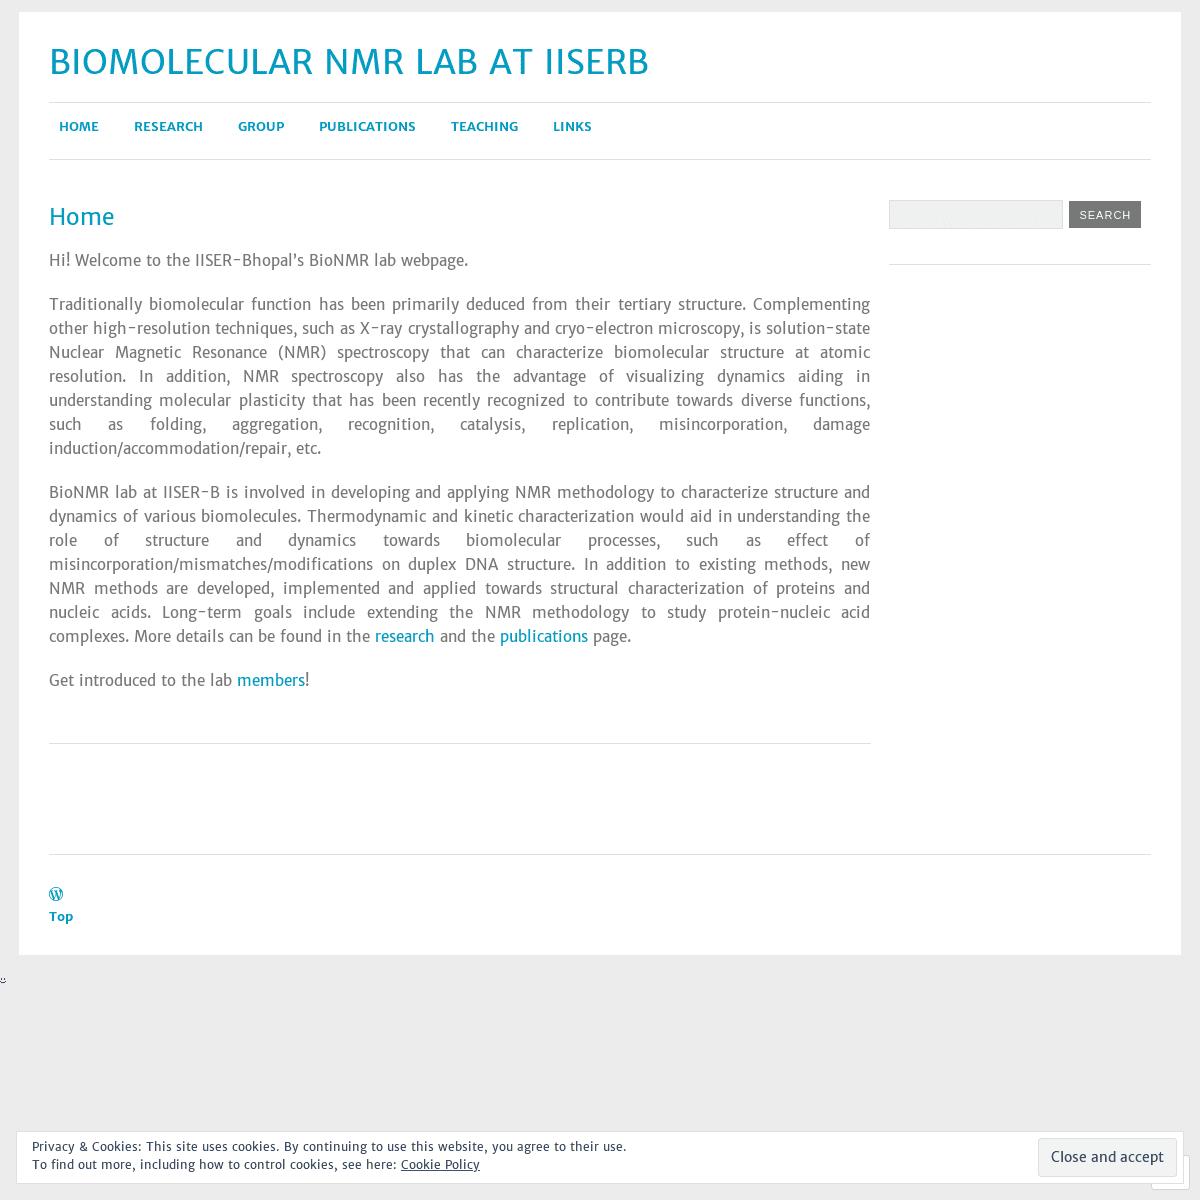 Biomolecular NMR Lab at IISERB